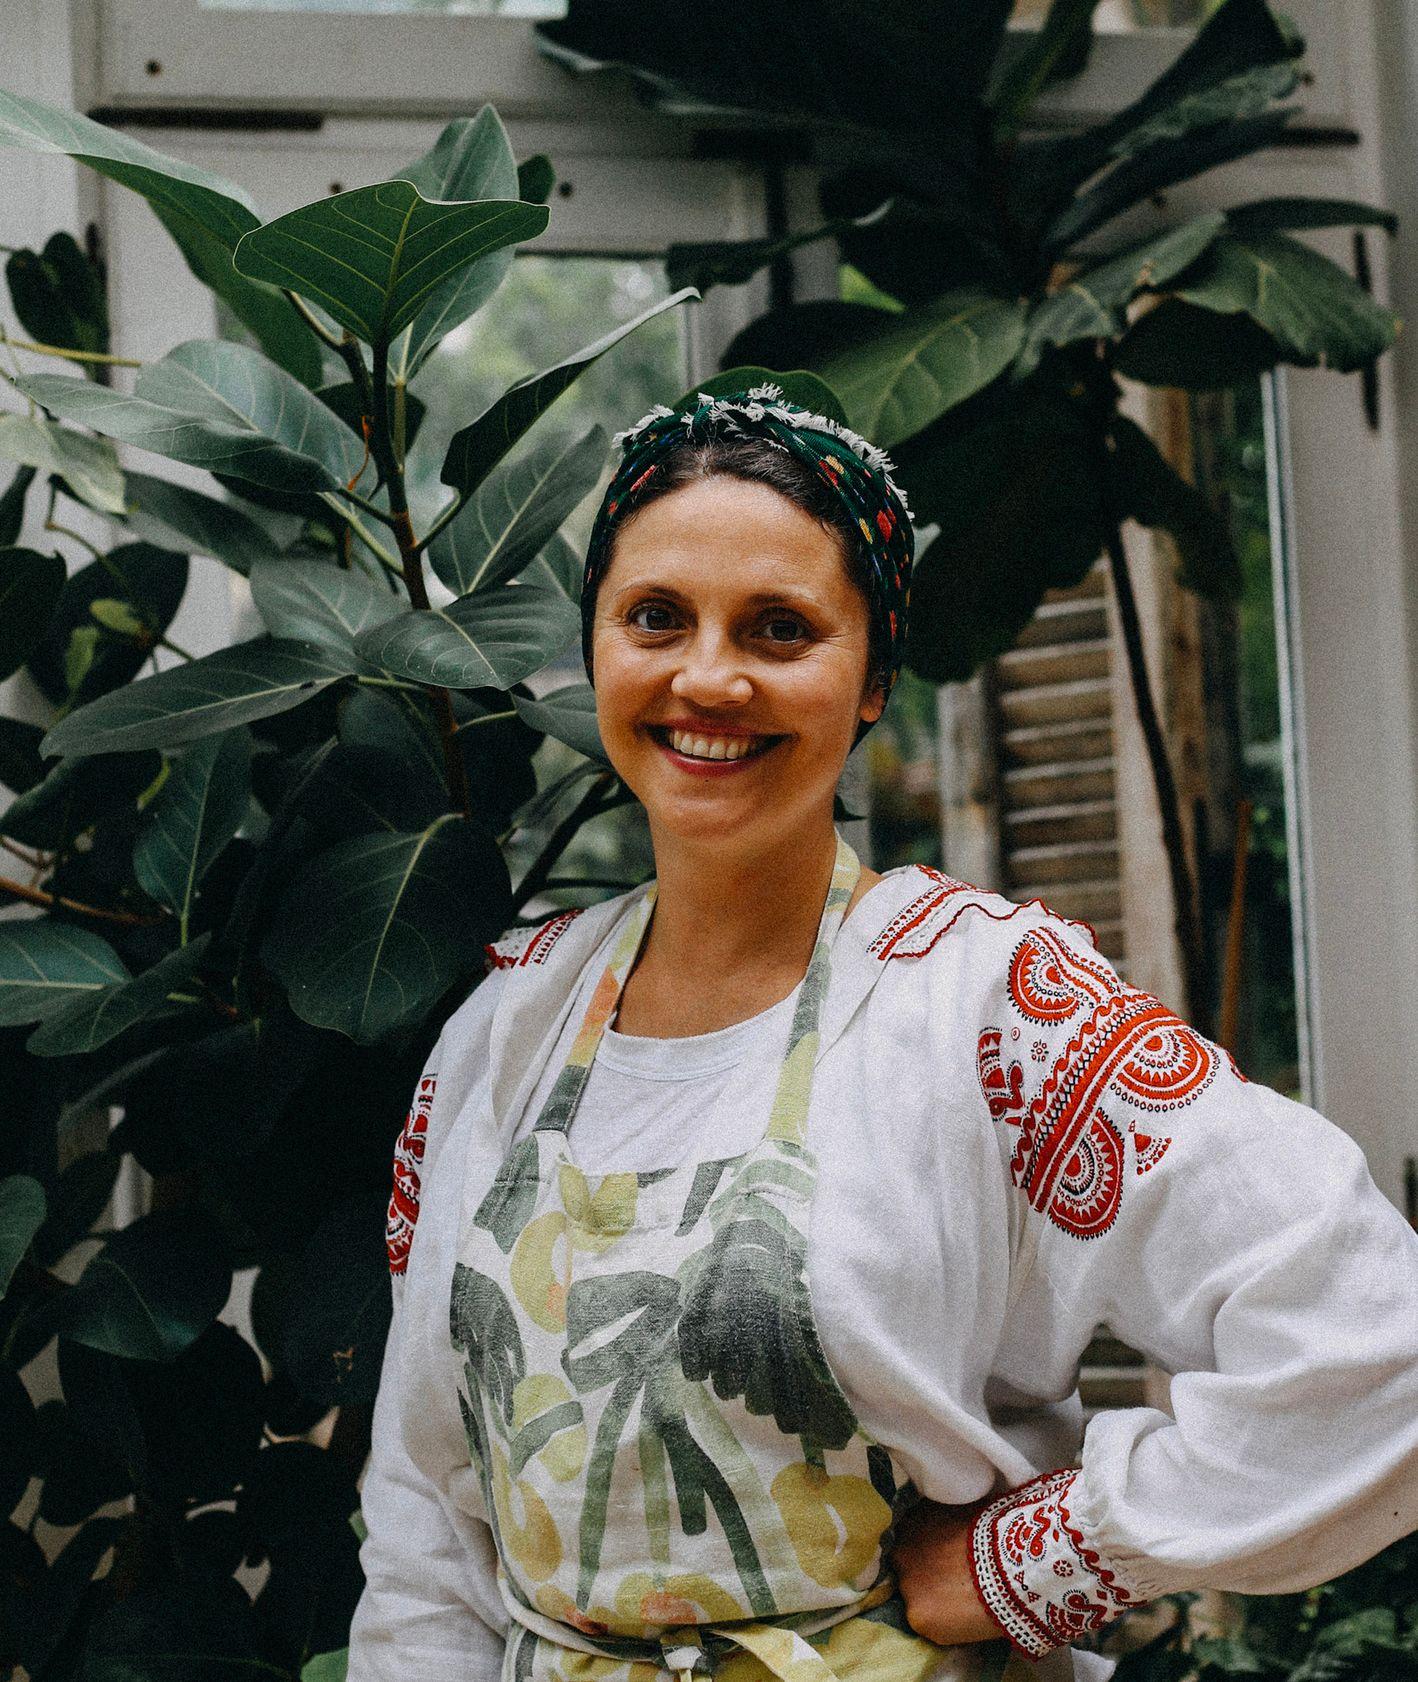 """Ceniona szefowa kuchni Olia Hercules, autorka książek """"Mamuszka"""" i """"Kaukasis"""" w """"Sielskich smakach"""". (fot. materiały prasowe)"""